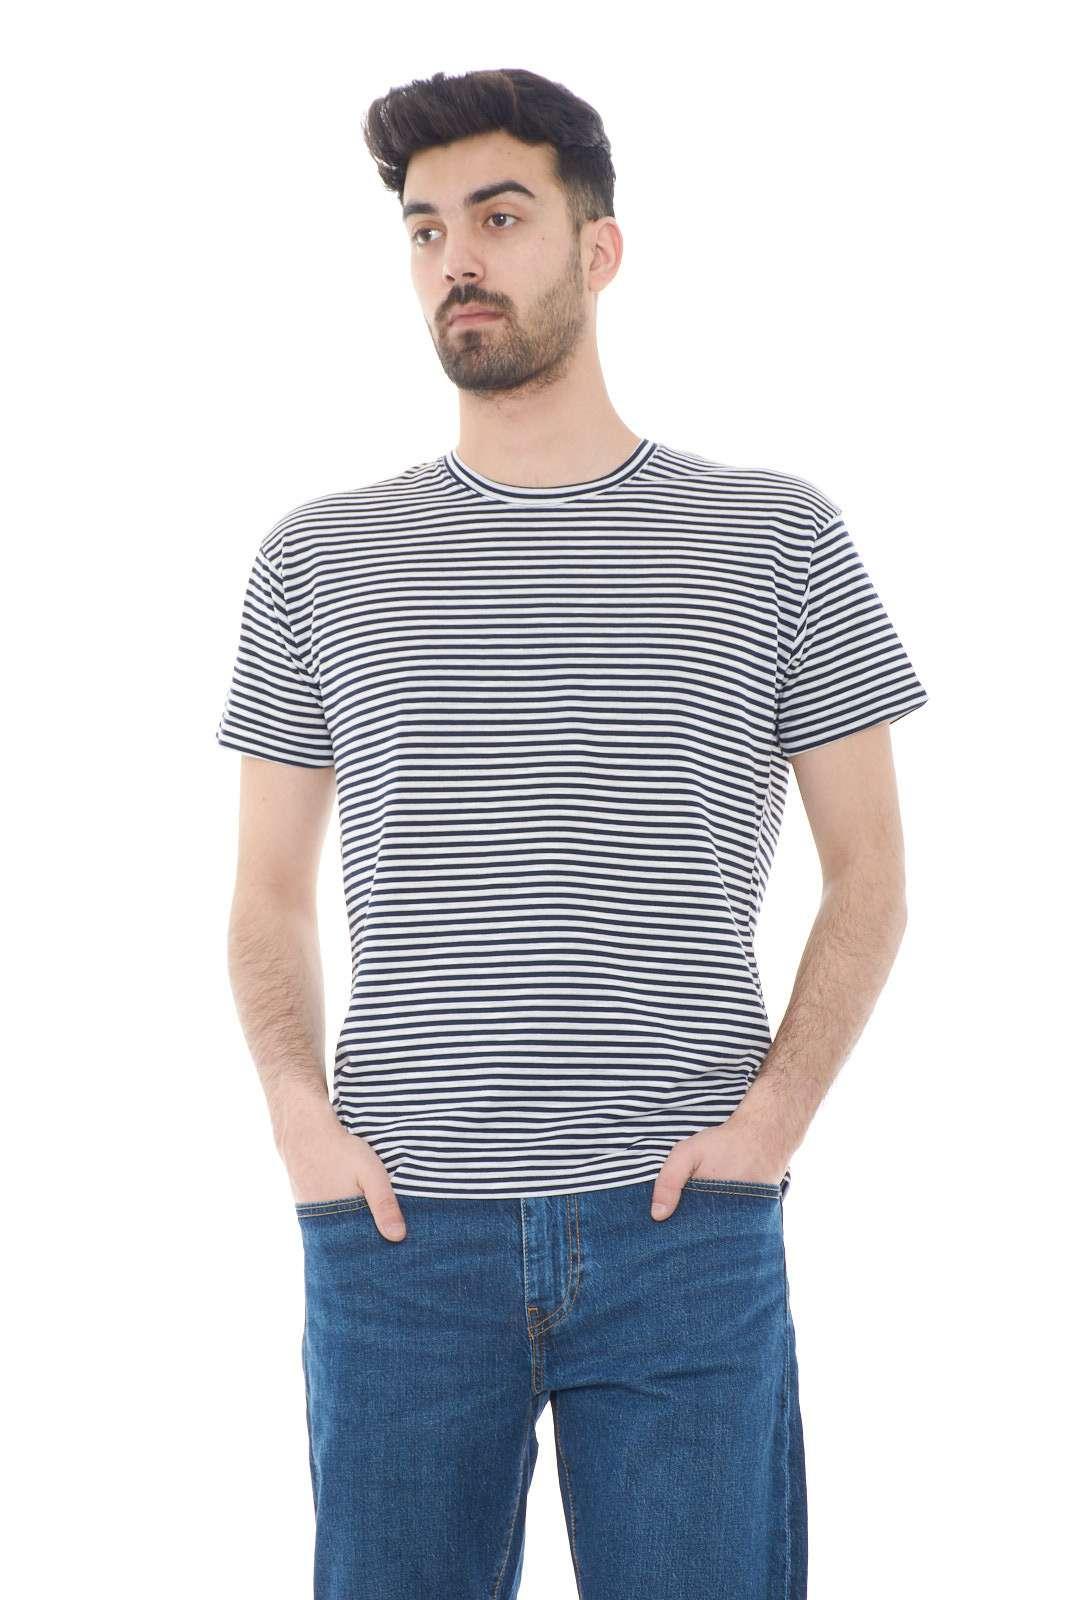 Una t shirt a fantasia rigata quella firmata Vandom. Da indossare in ogni occasione per la sua leggerezza e comodità. Da abbinare ad un bermuda, un jeans o un pantalone è un must have.